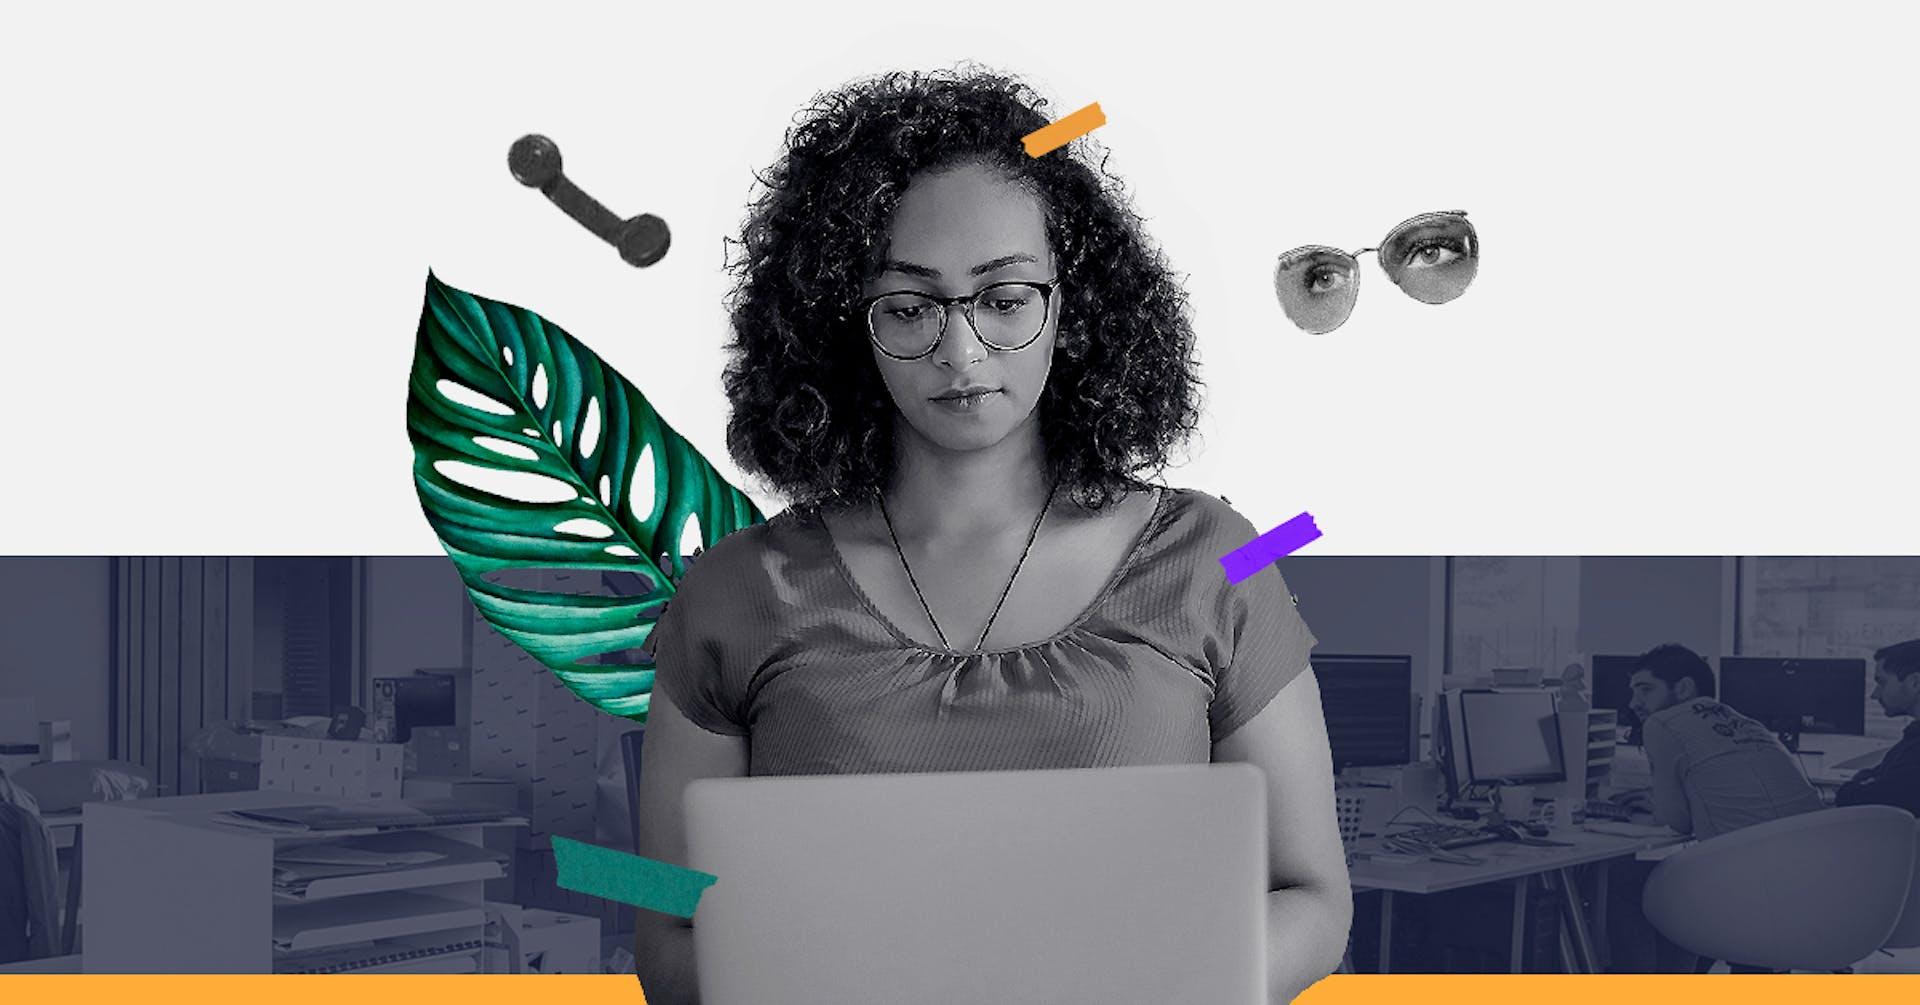 Nuevos tipos de trabajo: ¿Remoto vs presencial?